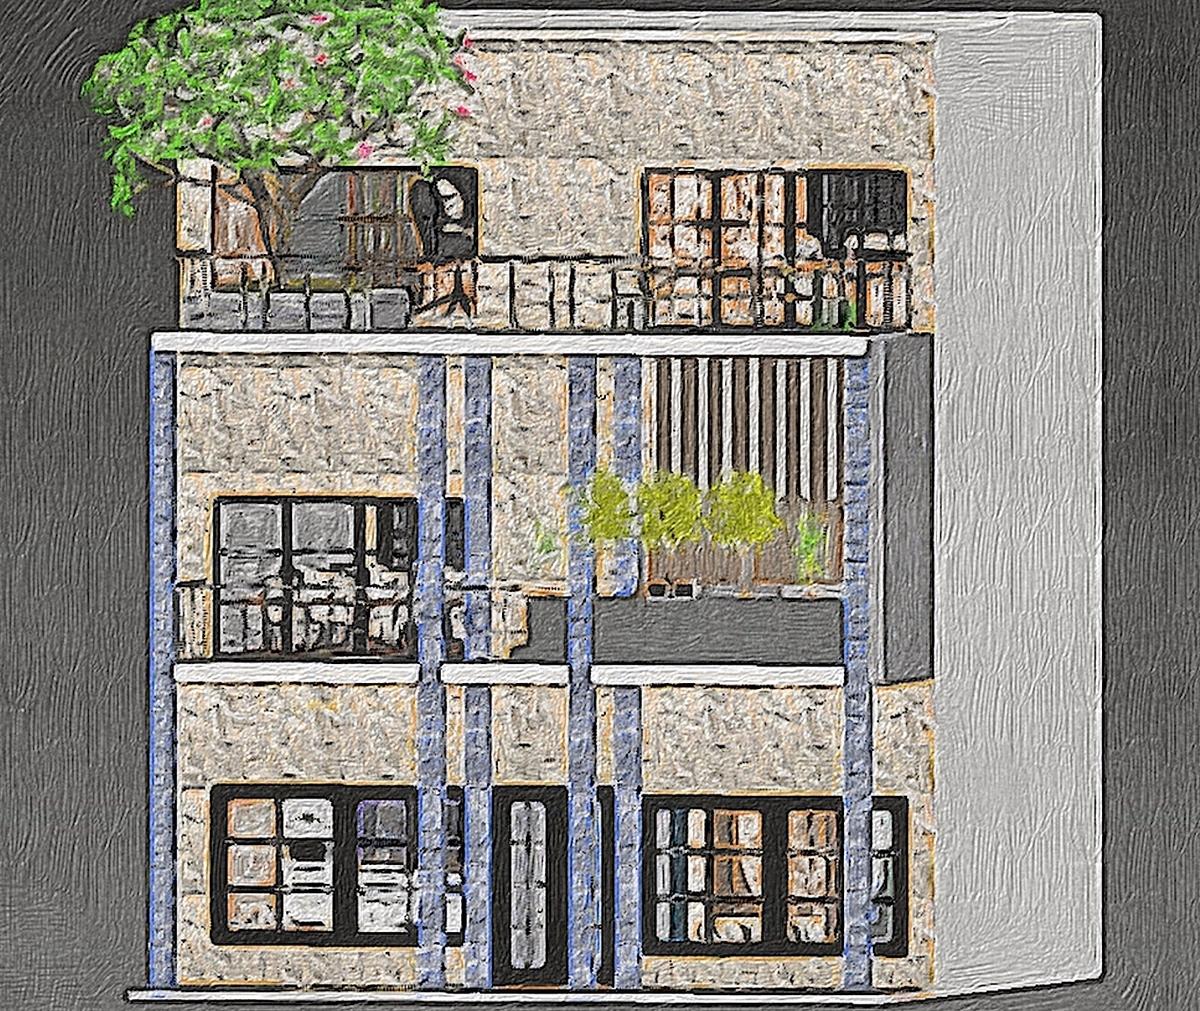 f:id:ShanghaiSpaceDesign:20200909134551j:plain